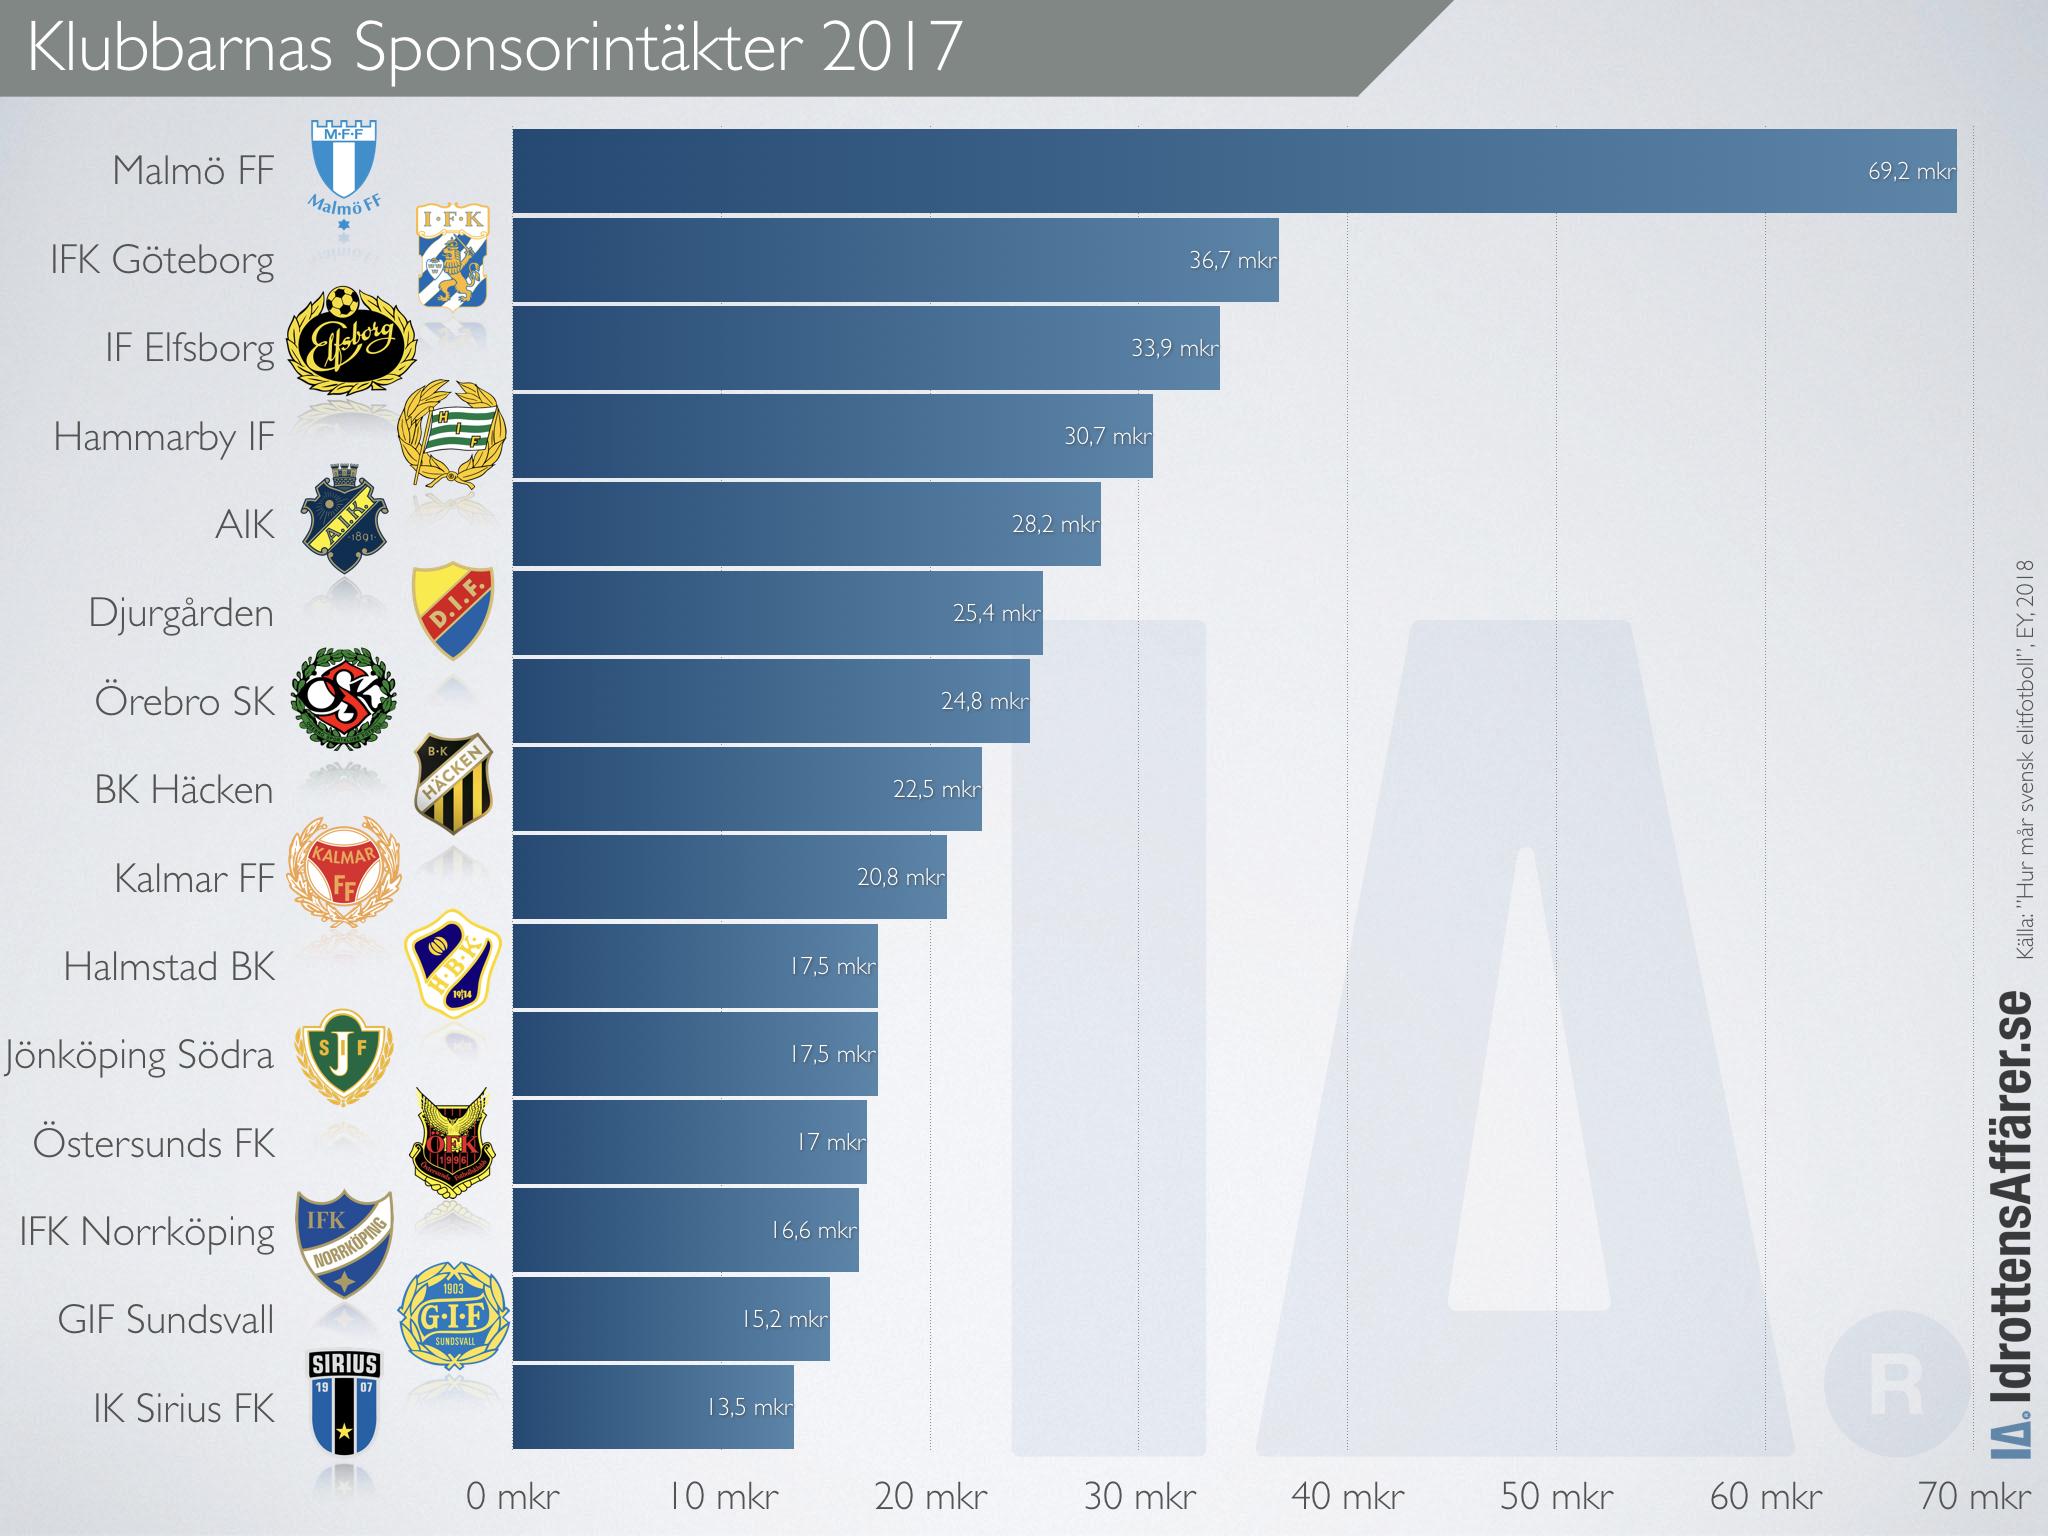 Diagram över sponsorintäkter för varje allsvensk klubb 2017